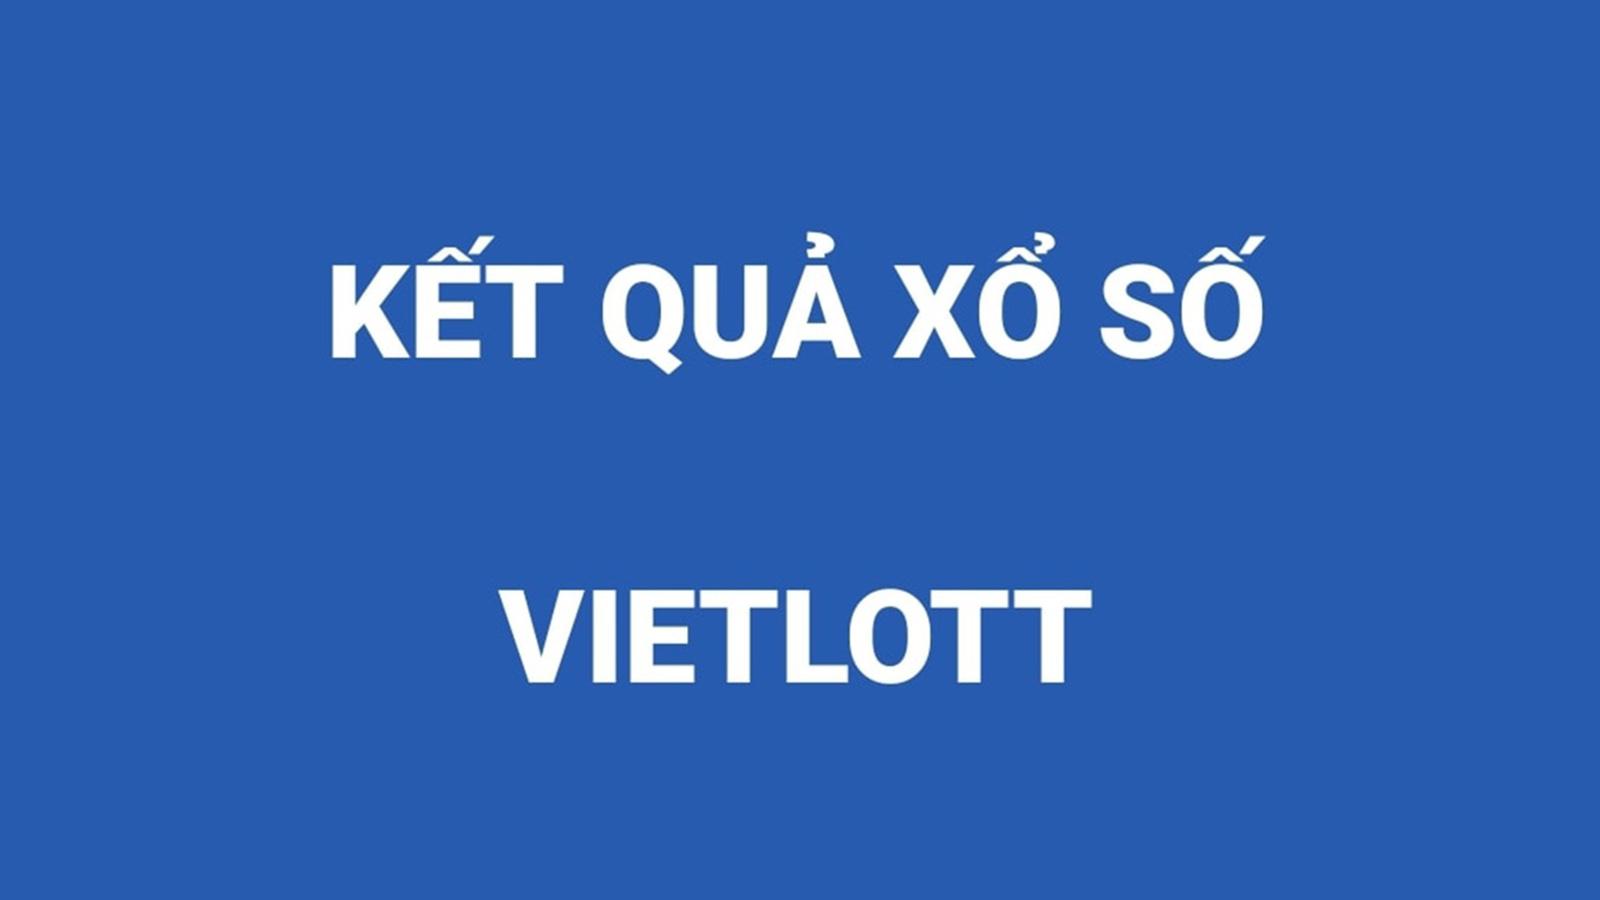 Vietlott 6/55: Kết quả xổ số Vietlott Power 6 55 hôm nay ngày 18/8/2020